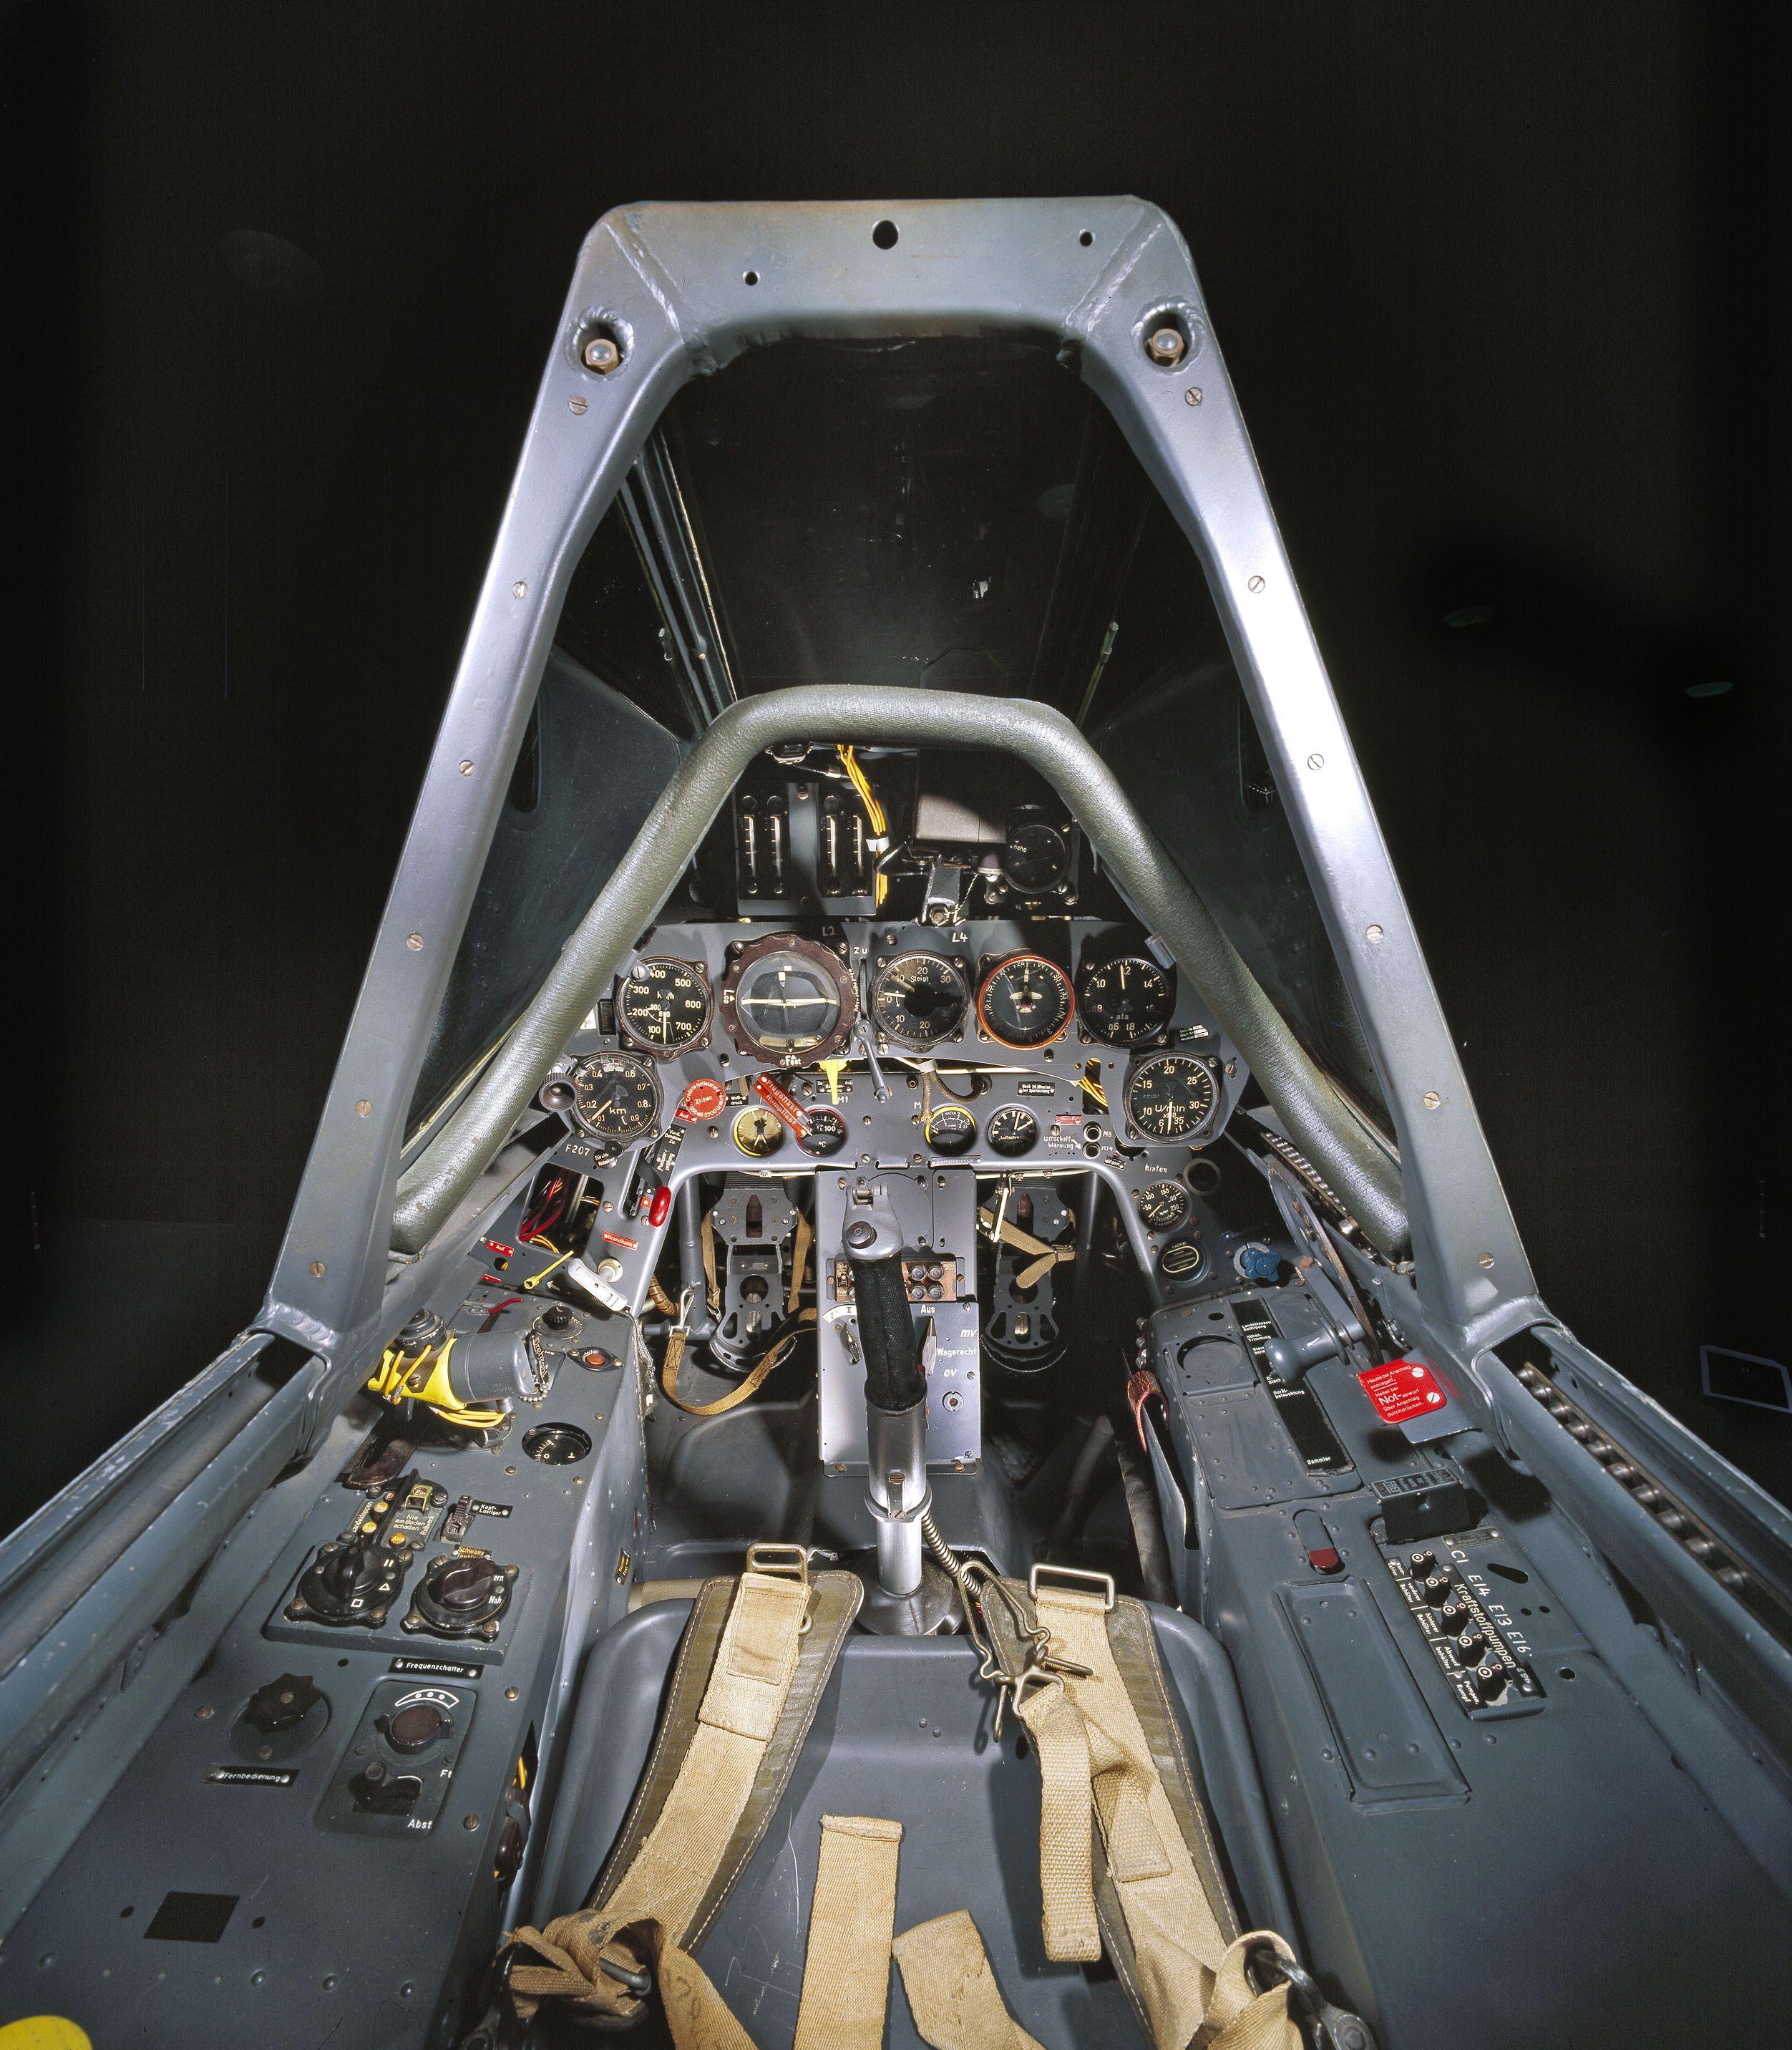 11-cockpit-avion-Focke-Wulf-Fw-190-F-8.jpg